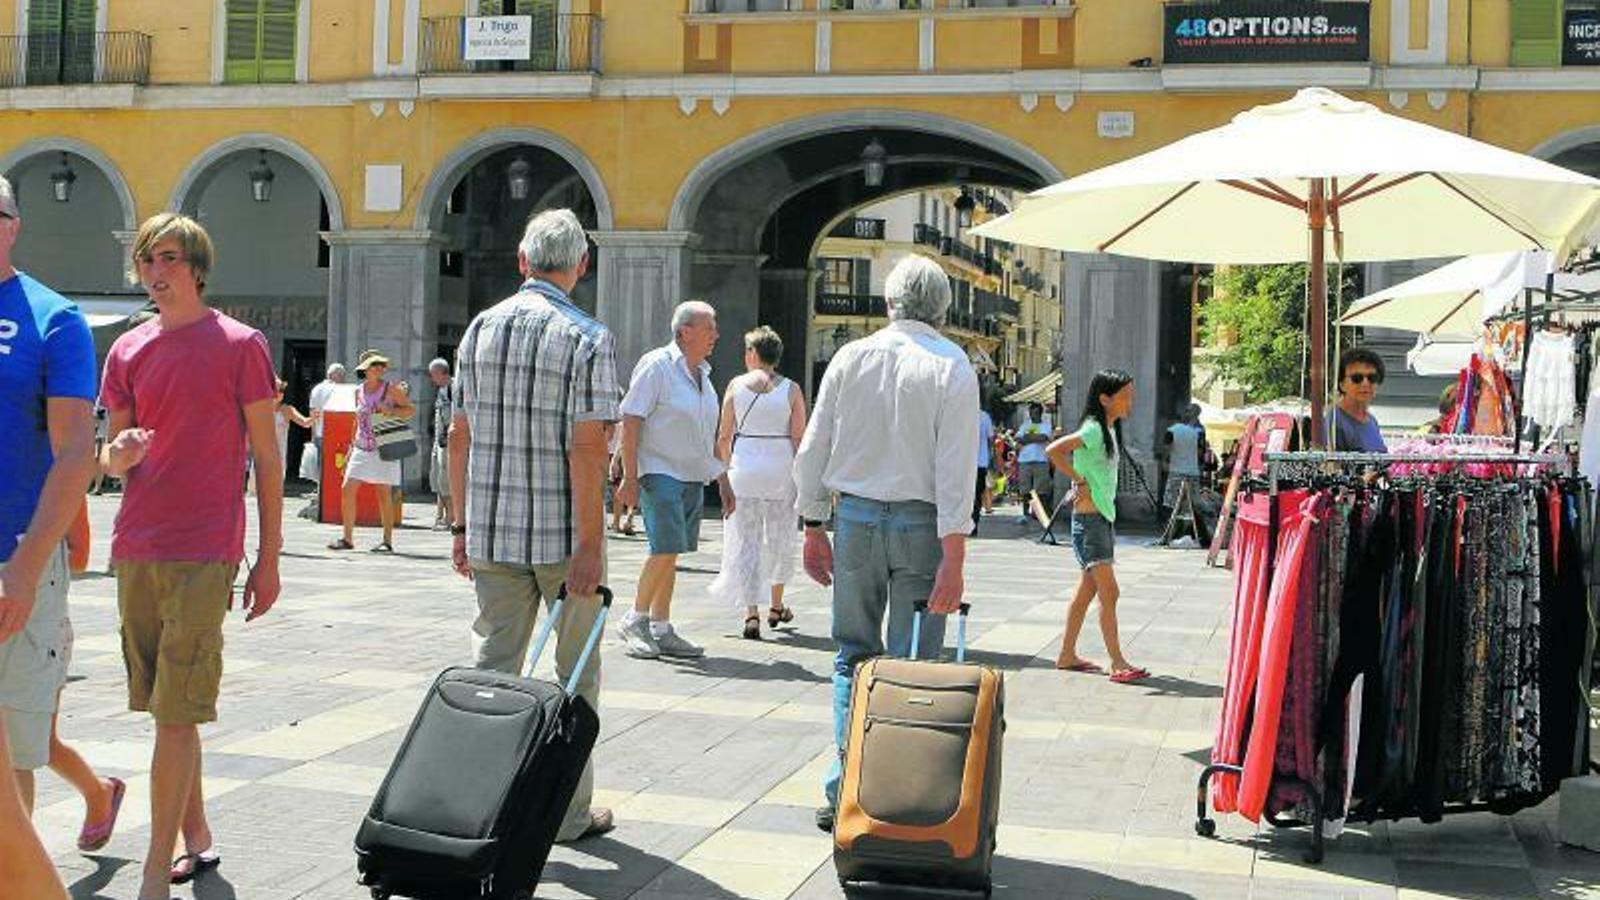 El lloguer turístic perd 40 milions d'euros en 15 dies per la crisi del coronavirus